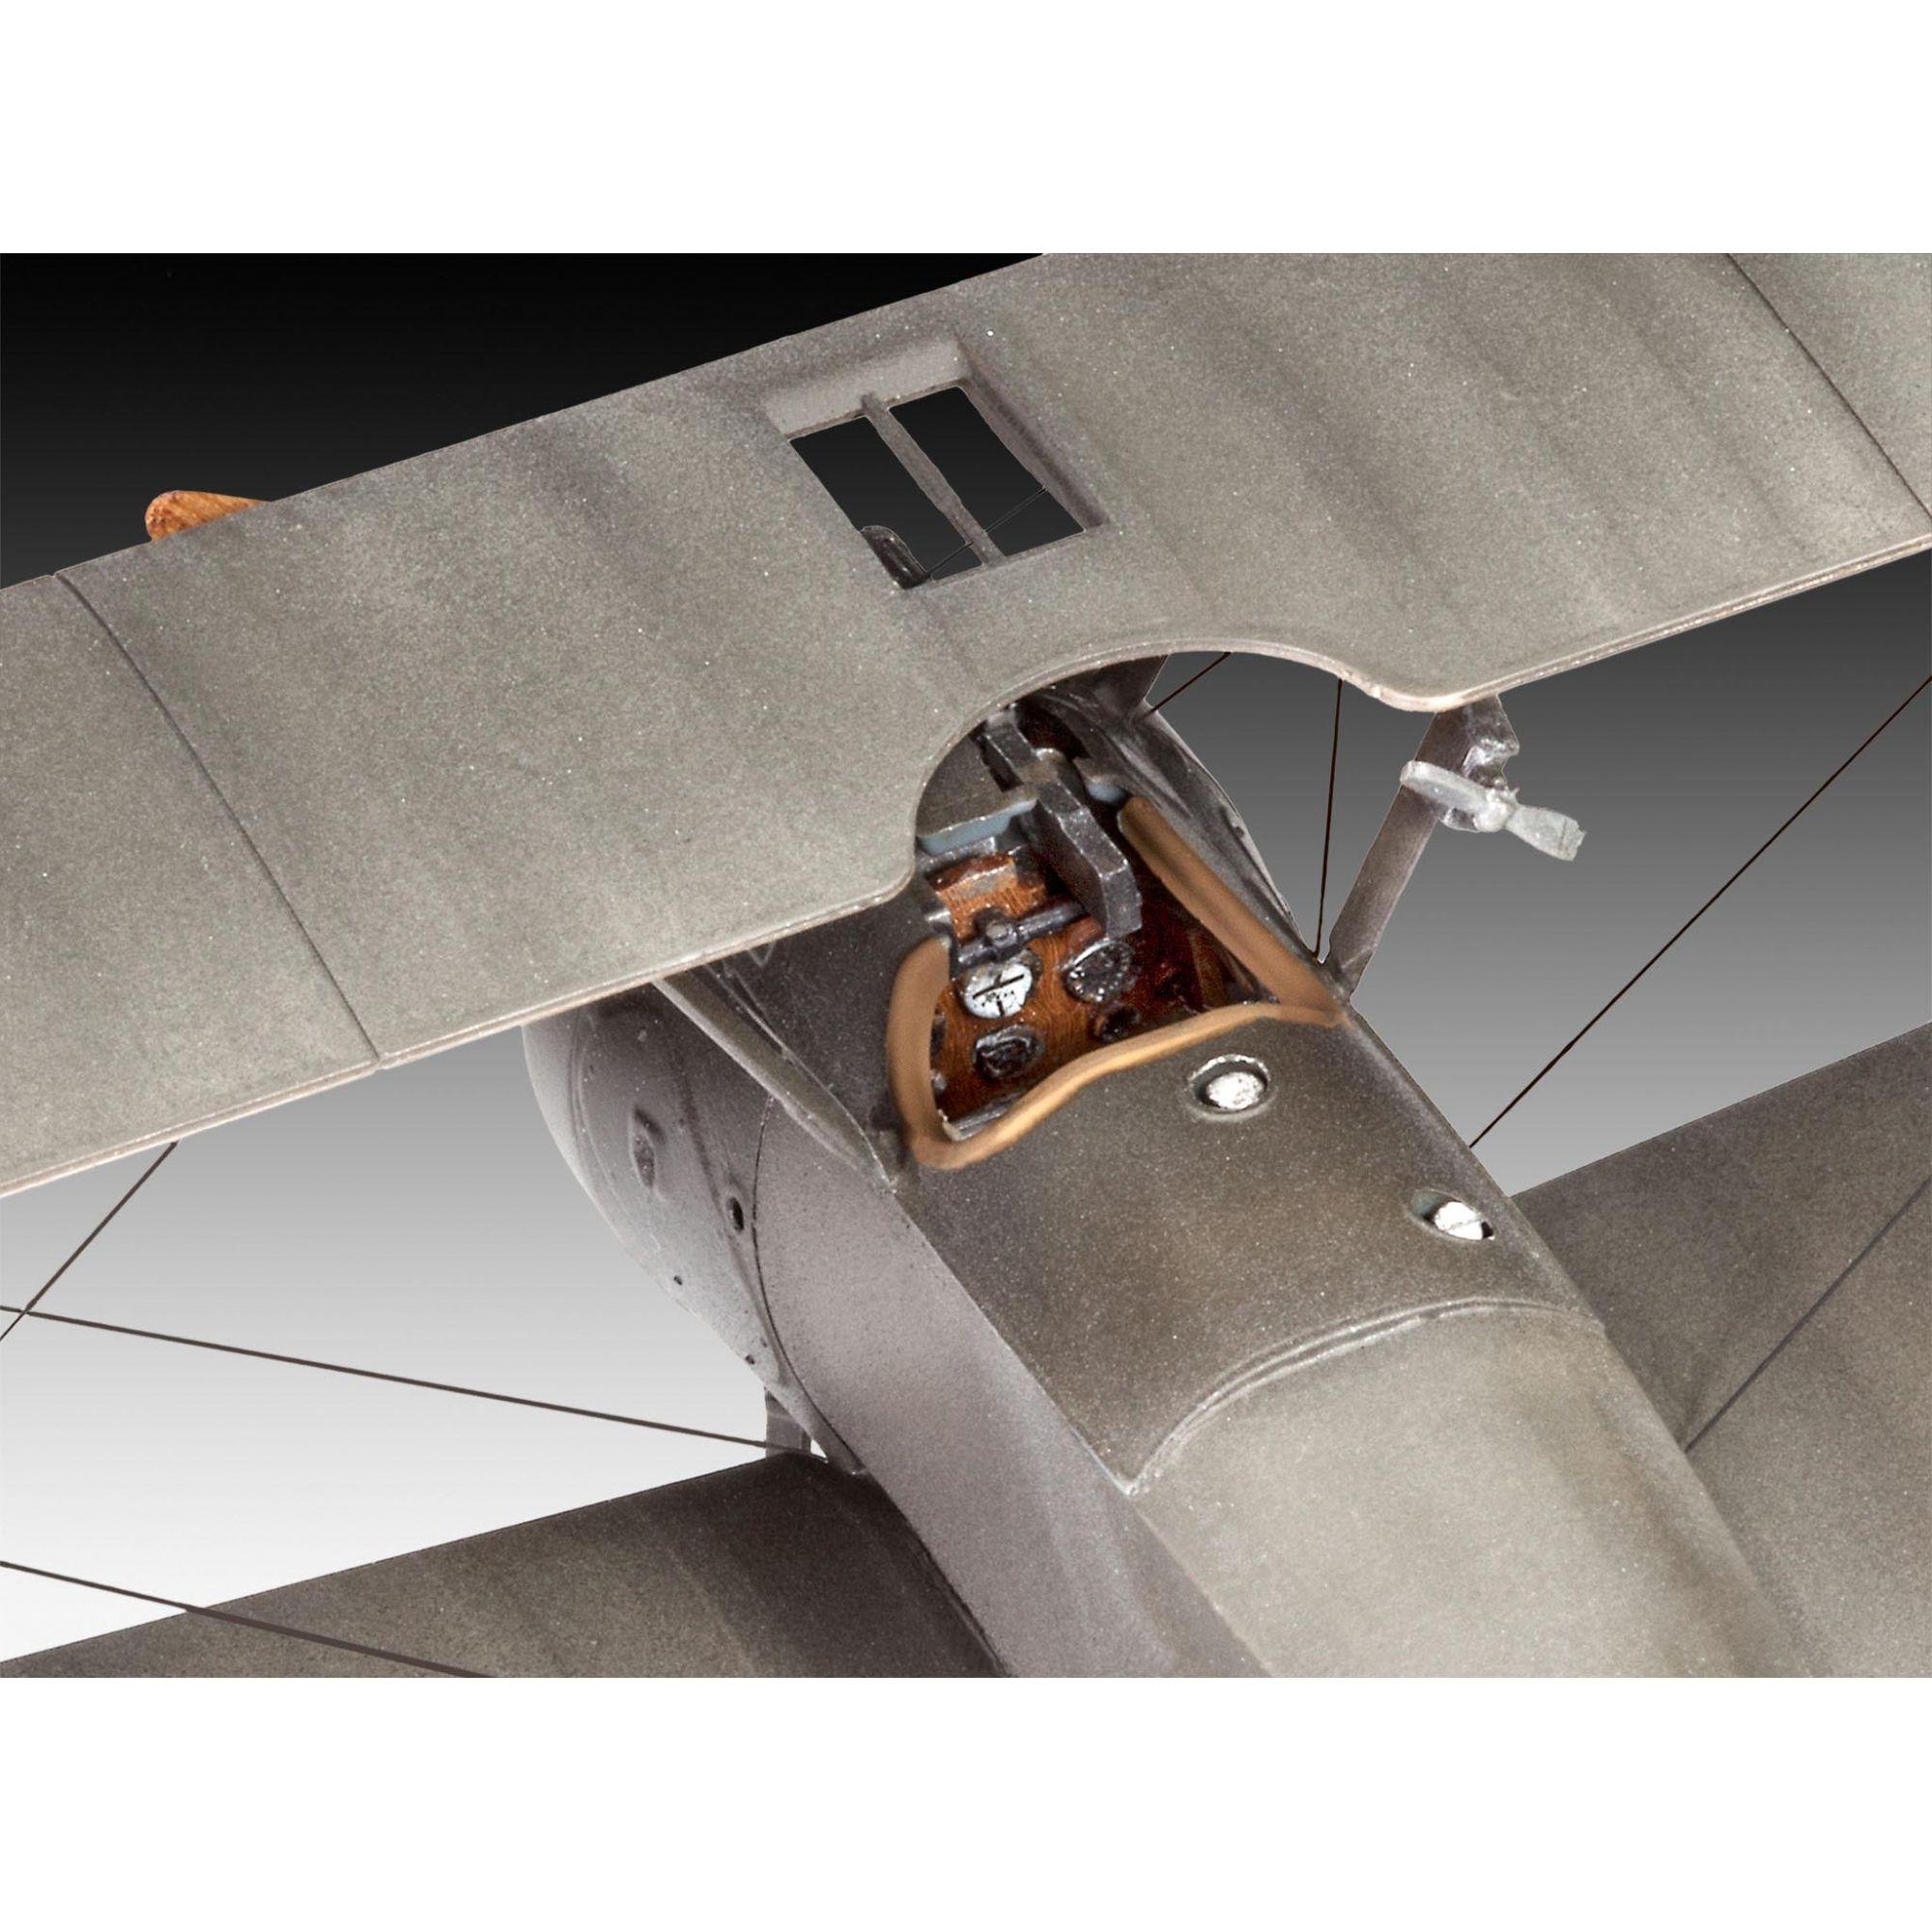 Sopwith F.1 Camel - 1/48 - Revell 03906  - BLIMPS COMÉRCIO ELETRÔNICO